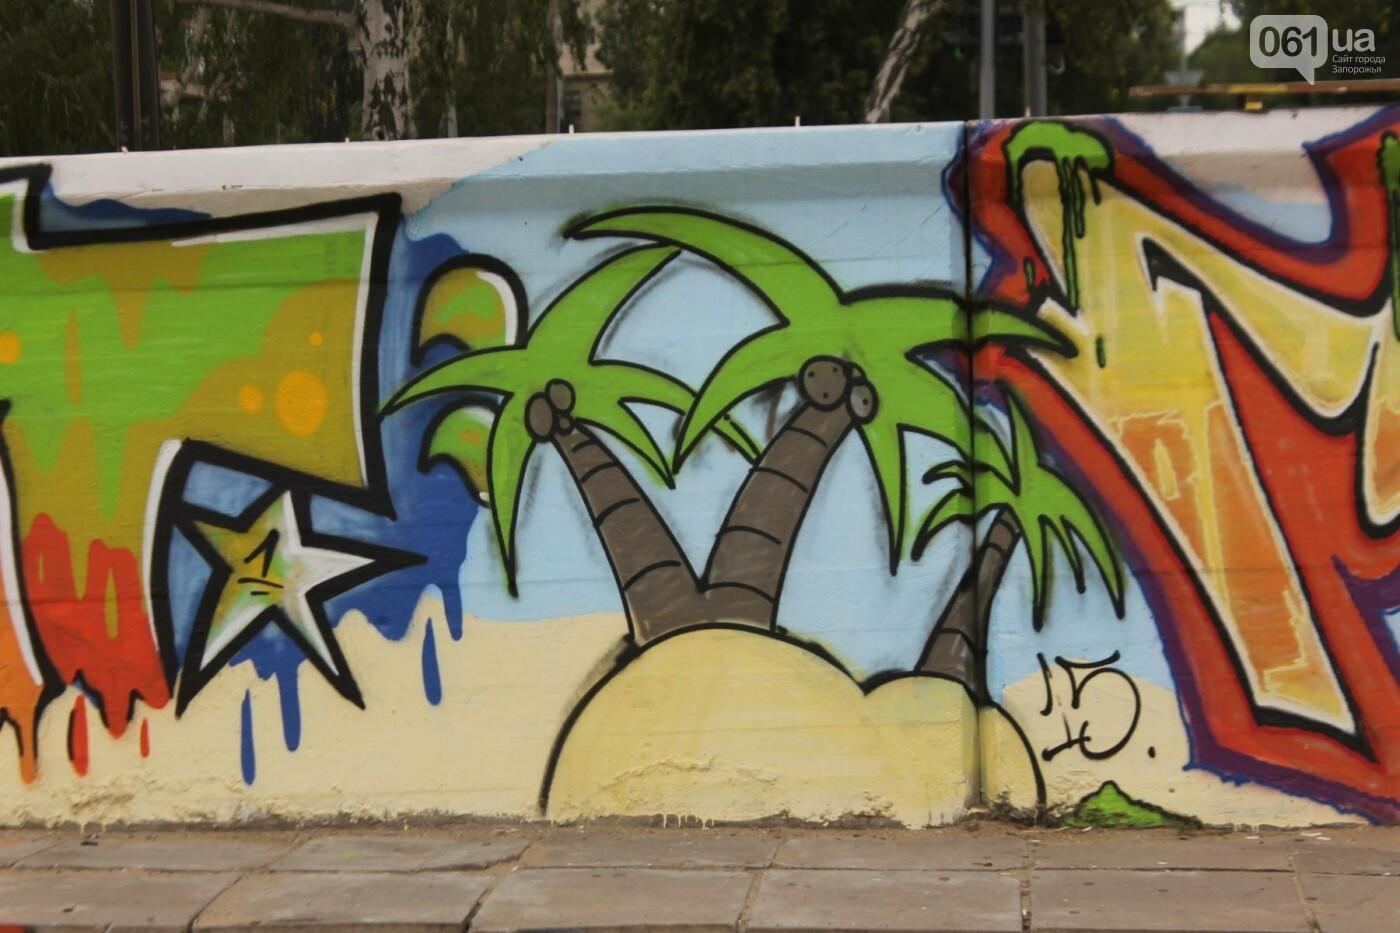 В Запорожье на пляже закончился фестиваль граффити: разрисовали 150 метров бетонной стены, – ФОТОРЕПОРТАЖ, фото-35